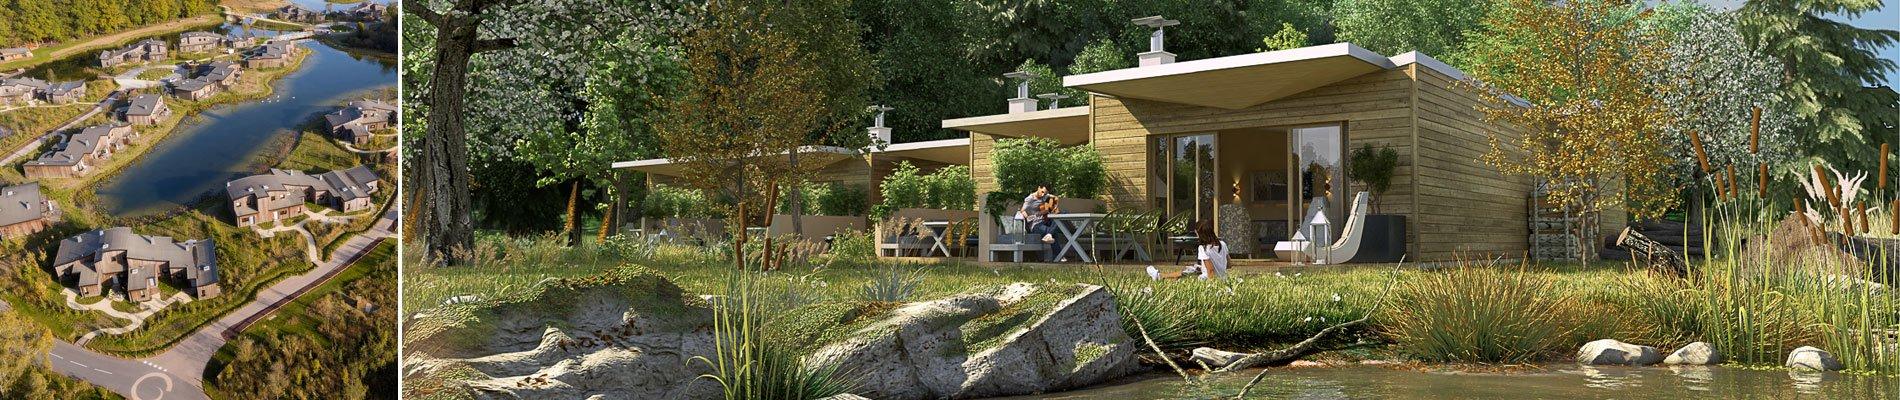 Villages Nature Paris - Center Parcs